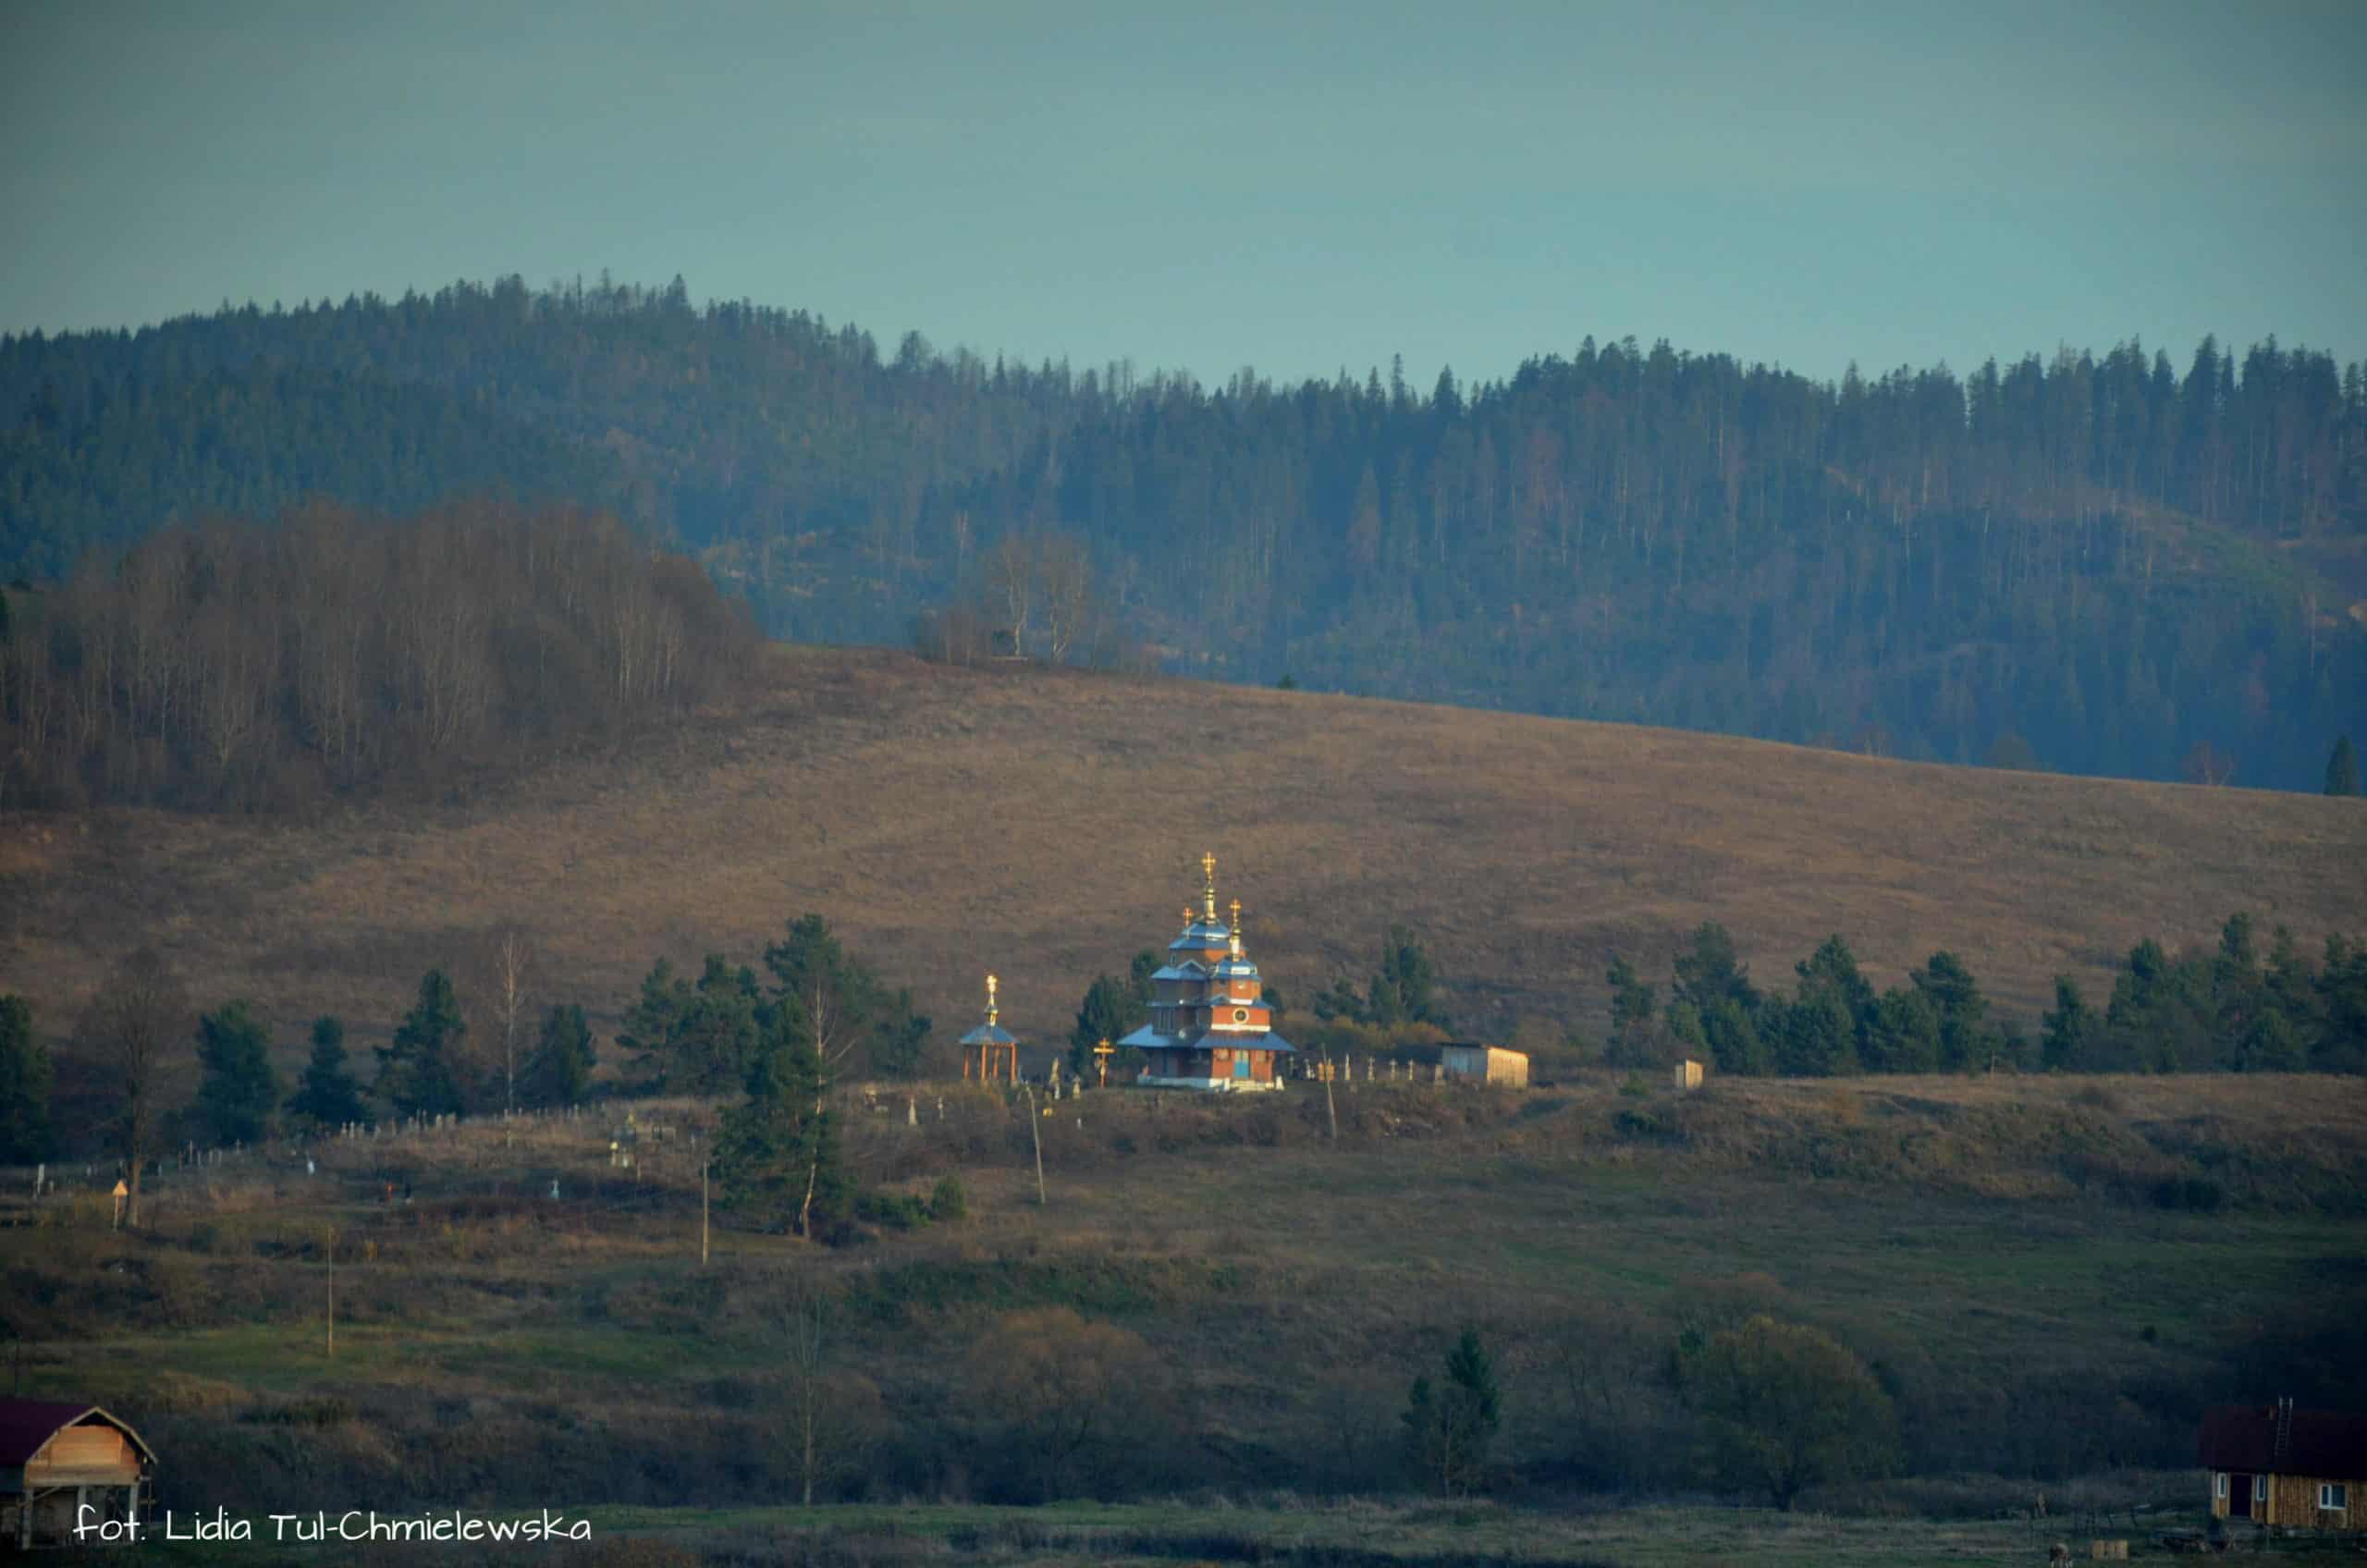 Złoto kopuł na ukraińskich wsiach fot. Lidia Tul-Chmielewska